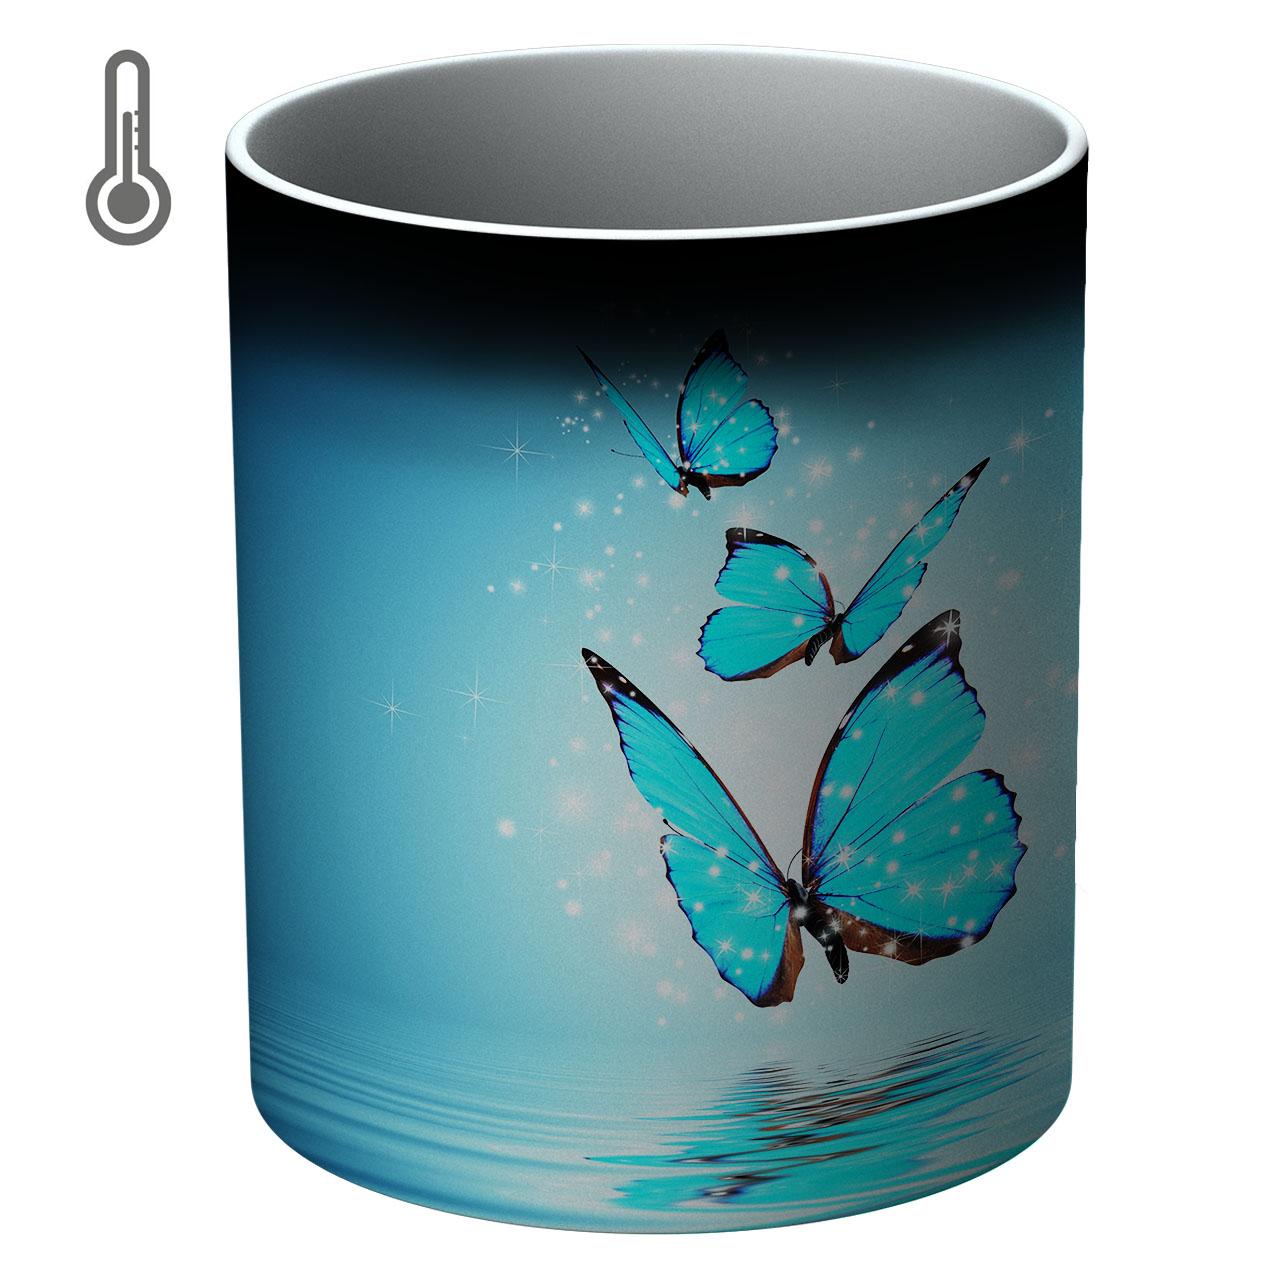 ماگ حرارتی طرح پروانه ها مدل 00072 Fly